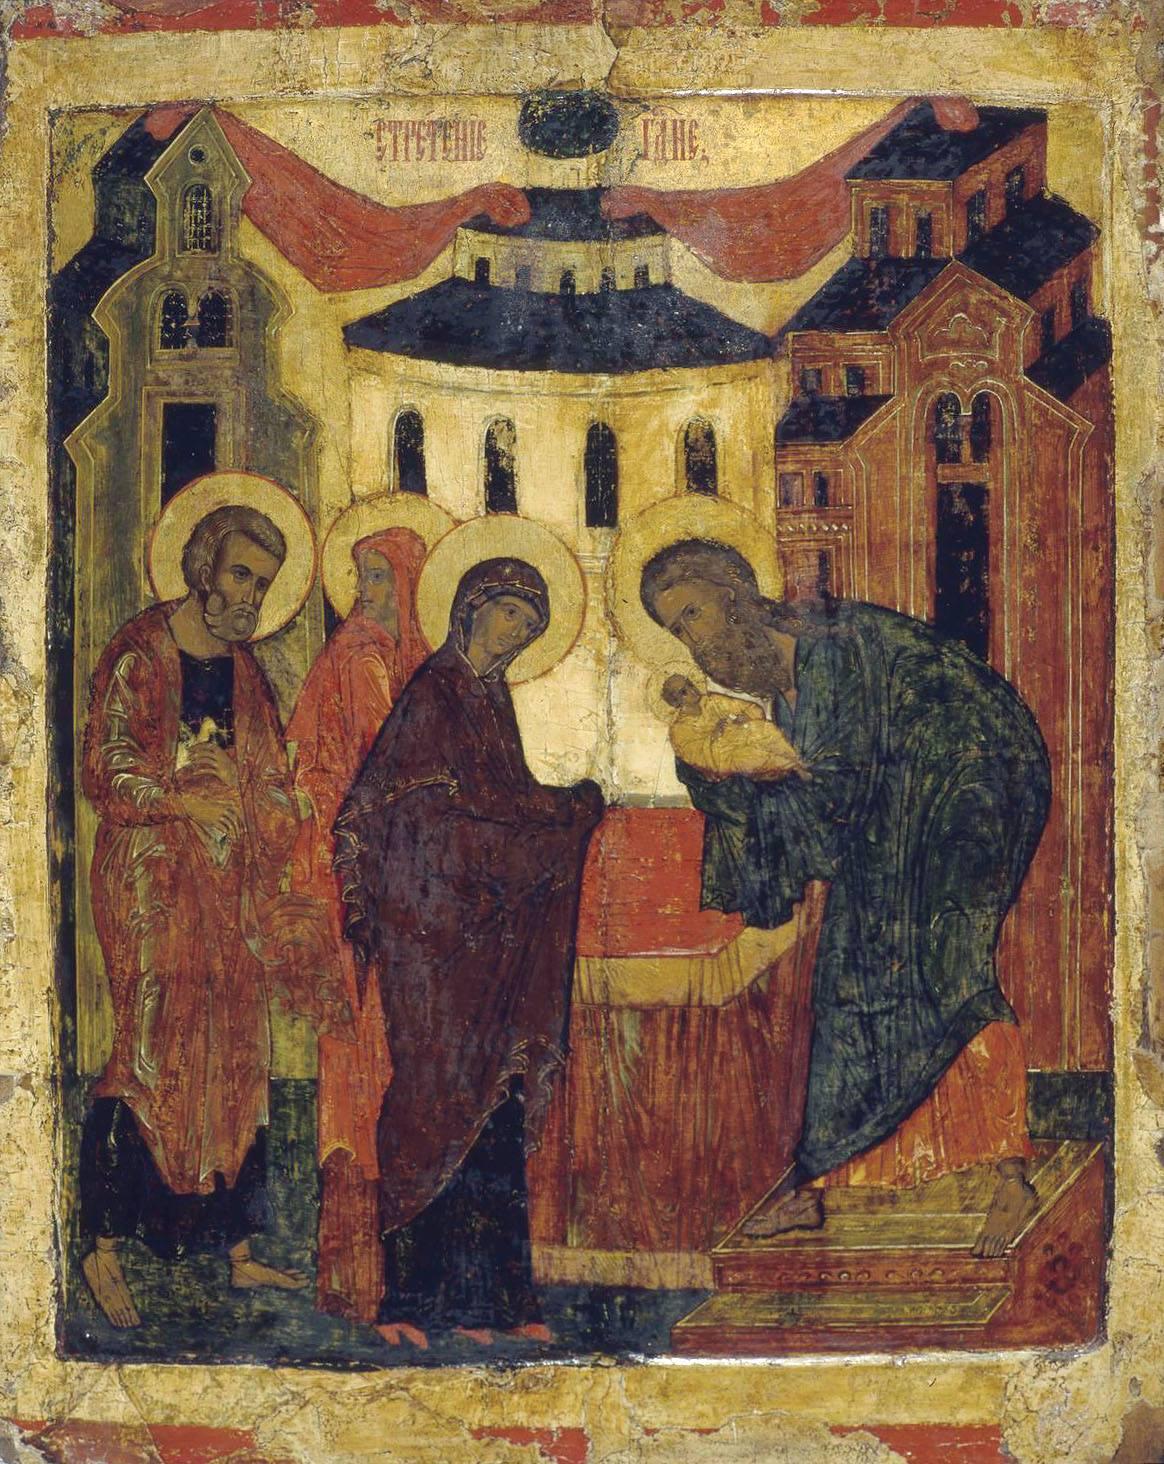 Сретение Господне 15 февраля: История праздника, традиции и обычаи